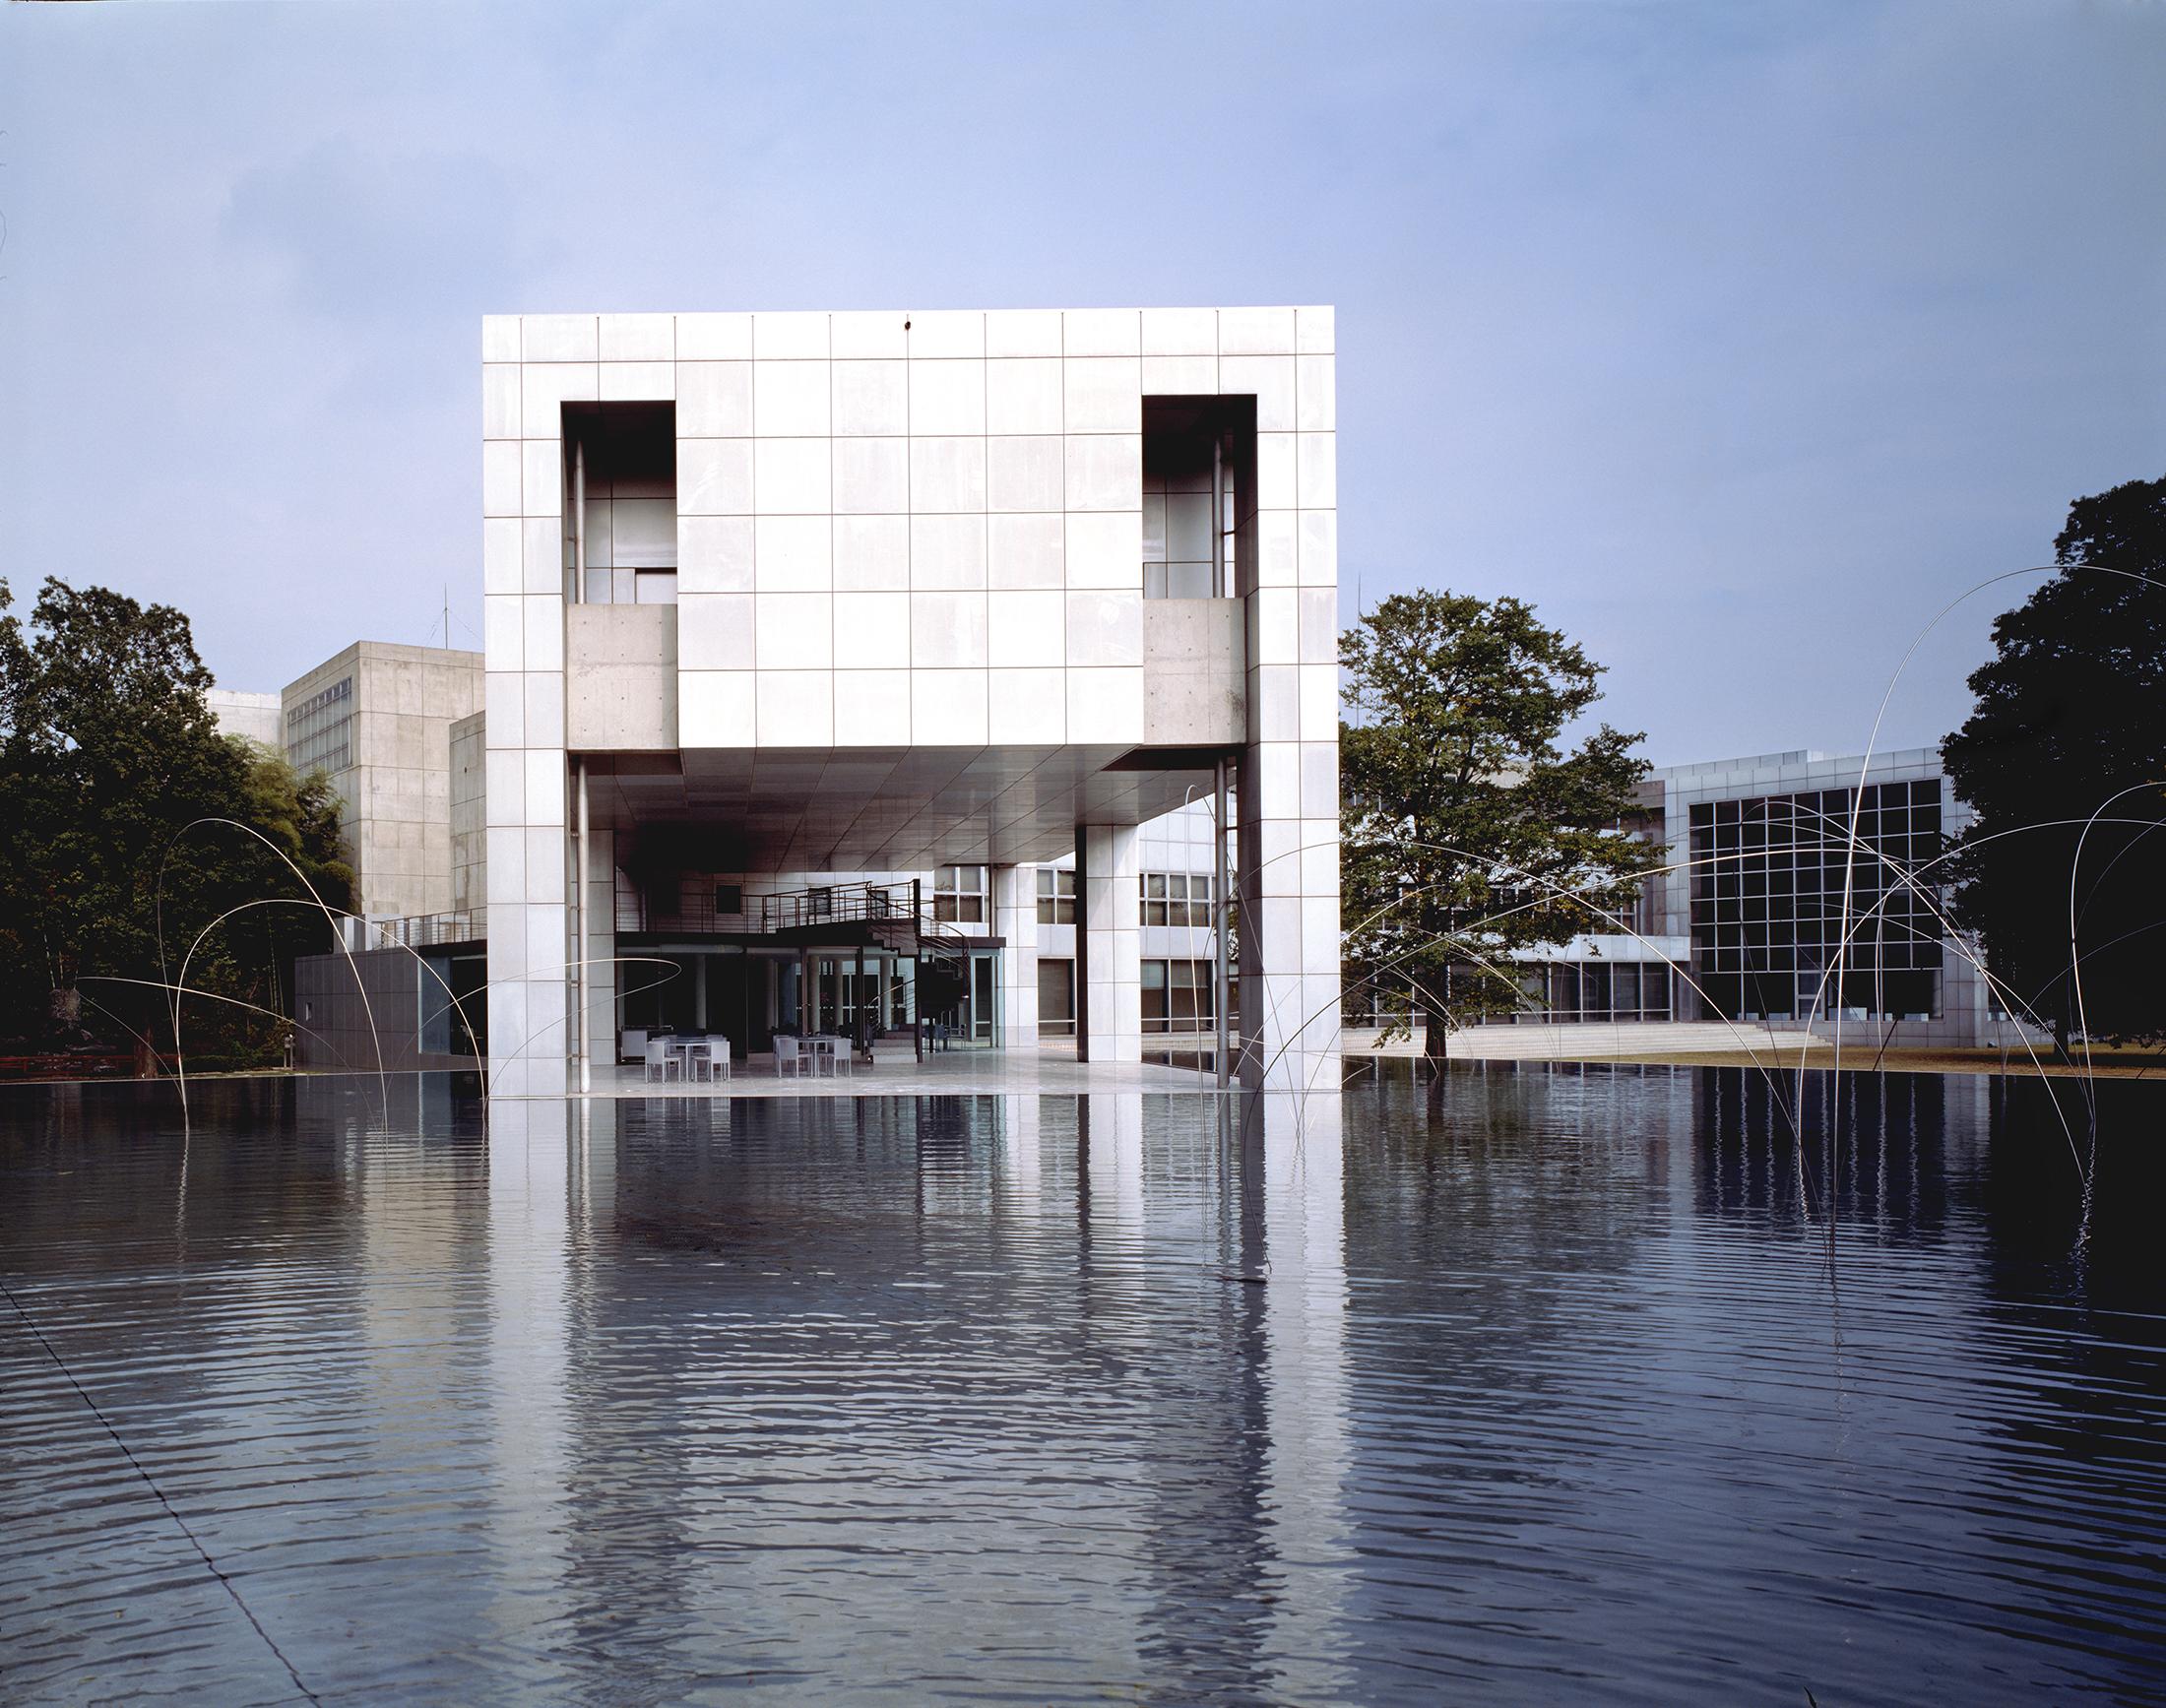 El Museo de Arte Contemporáneo de Gunma, en Takasaki, Japón.